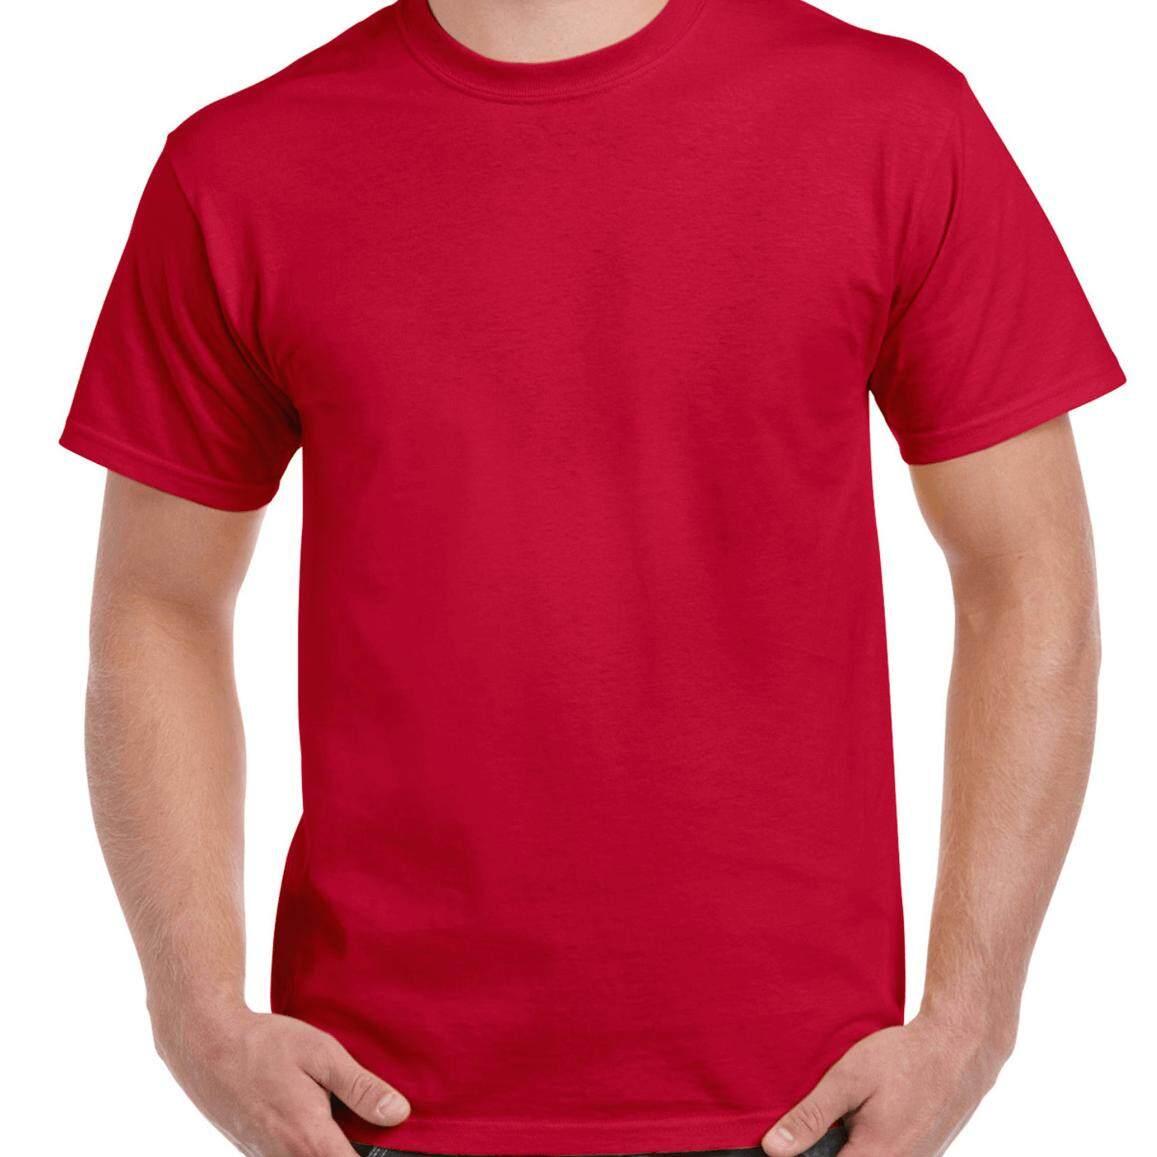 ขาย Tshirt ทีเชิ๊ตมาร์ท เสื้อยืดผ้าฝ้าย100 ทรง Regular Fit สีแดงสด Red Tshirtmart ใน กรุงเทพมหานคร